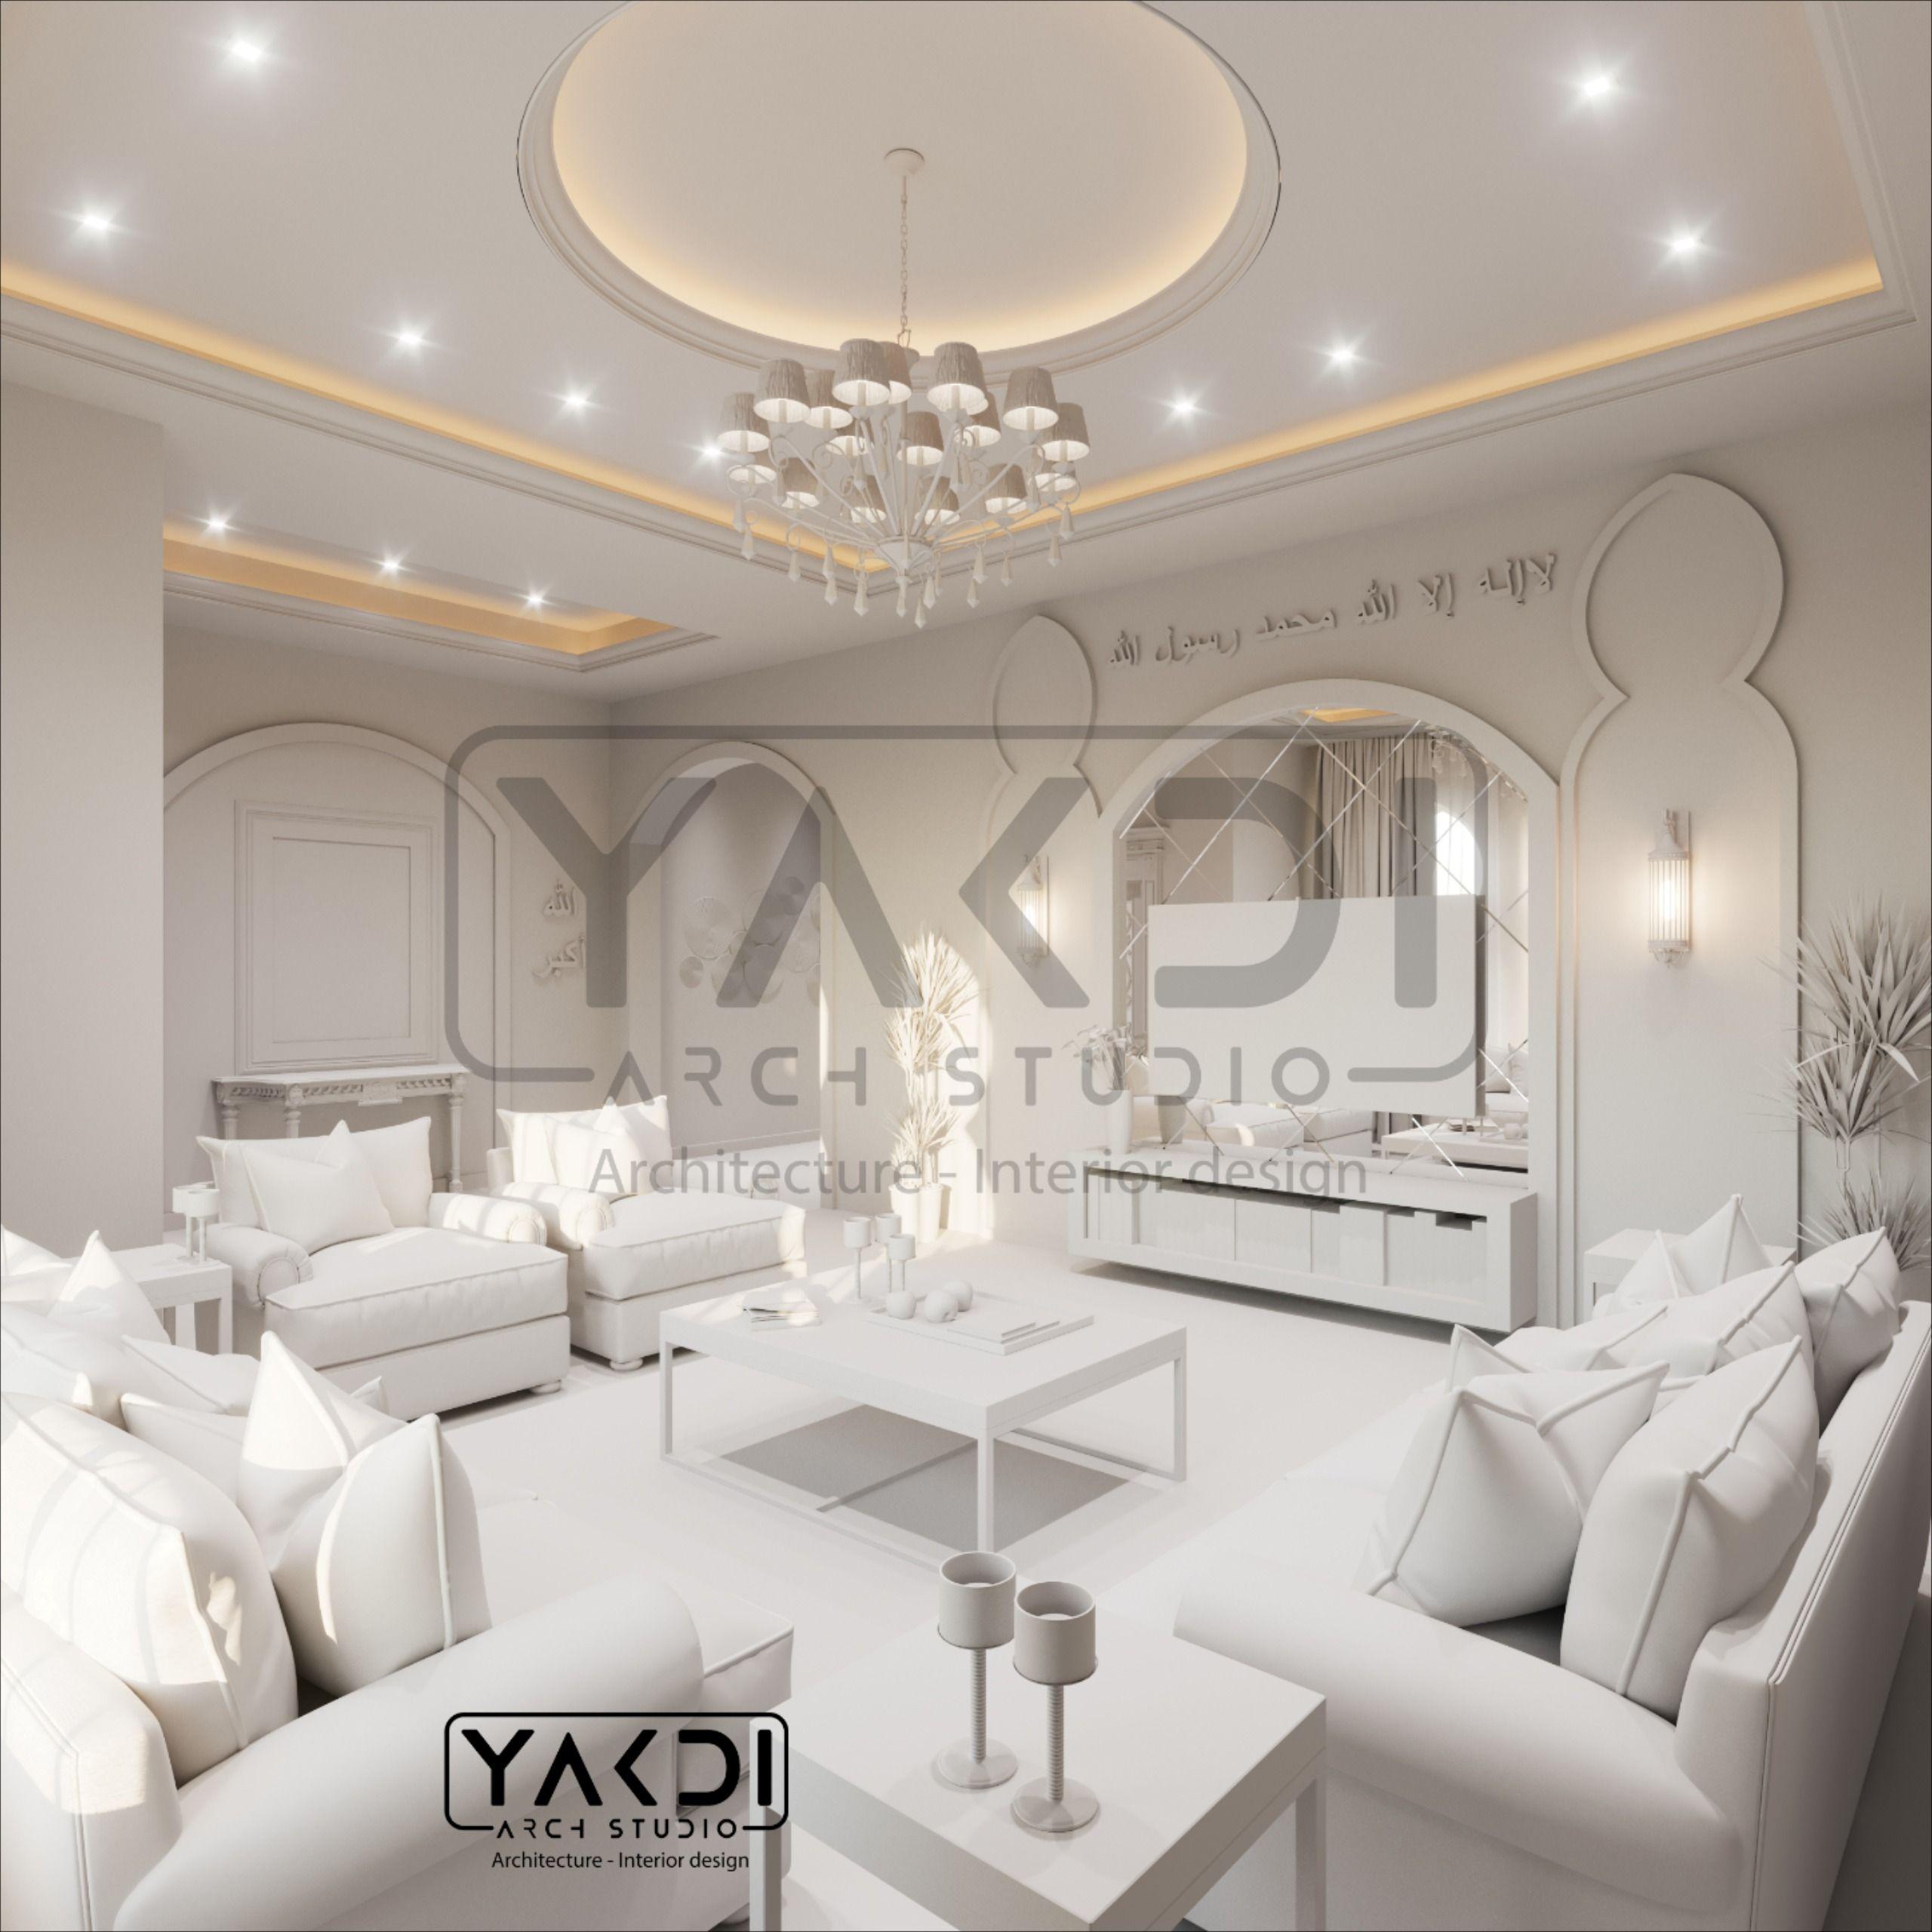 تصميم ديكور مجلس نسائي راقي و مميز بلمسة حداثة مع الزجاج و ورق جدران حديث الطراز ممكن تسميته ب نيوكلاسيك تصميم داخلي ديكور نسائي صا Home Decor Home Design